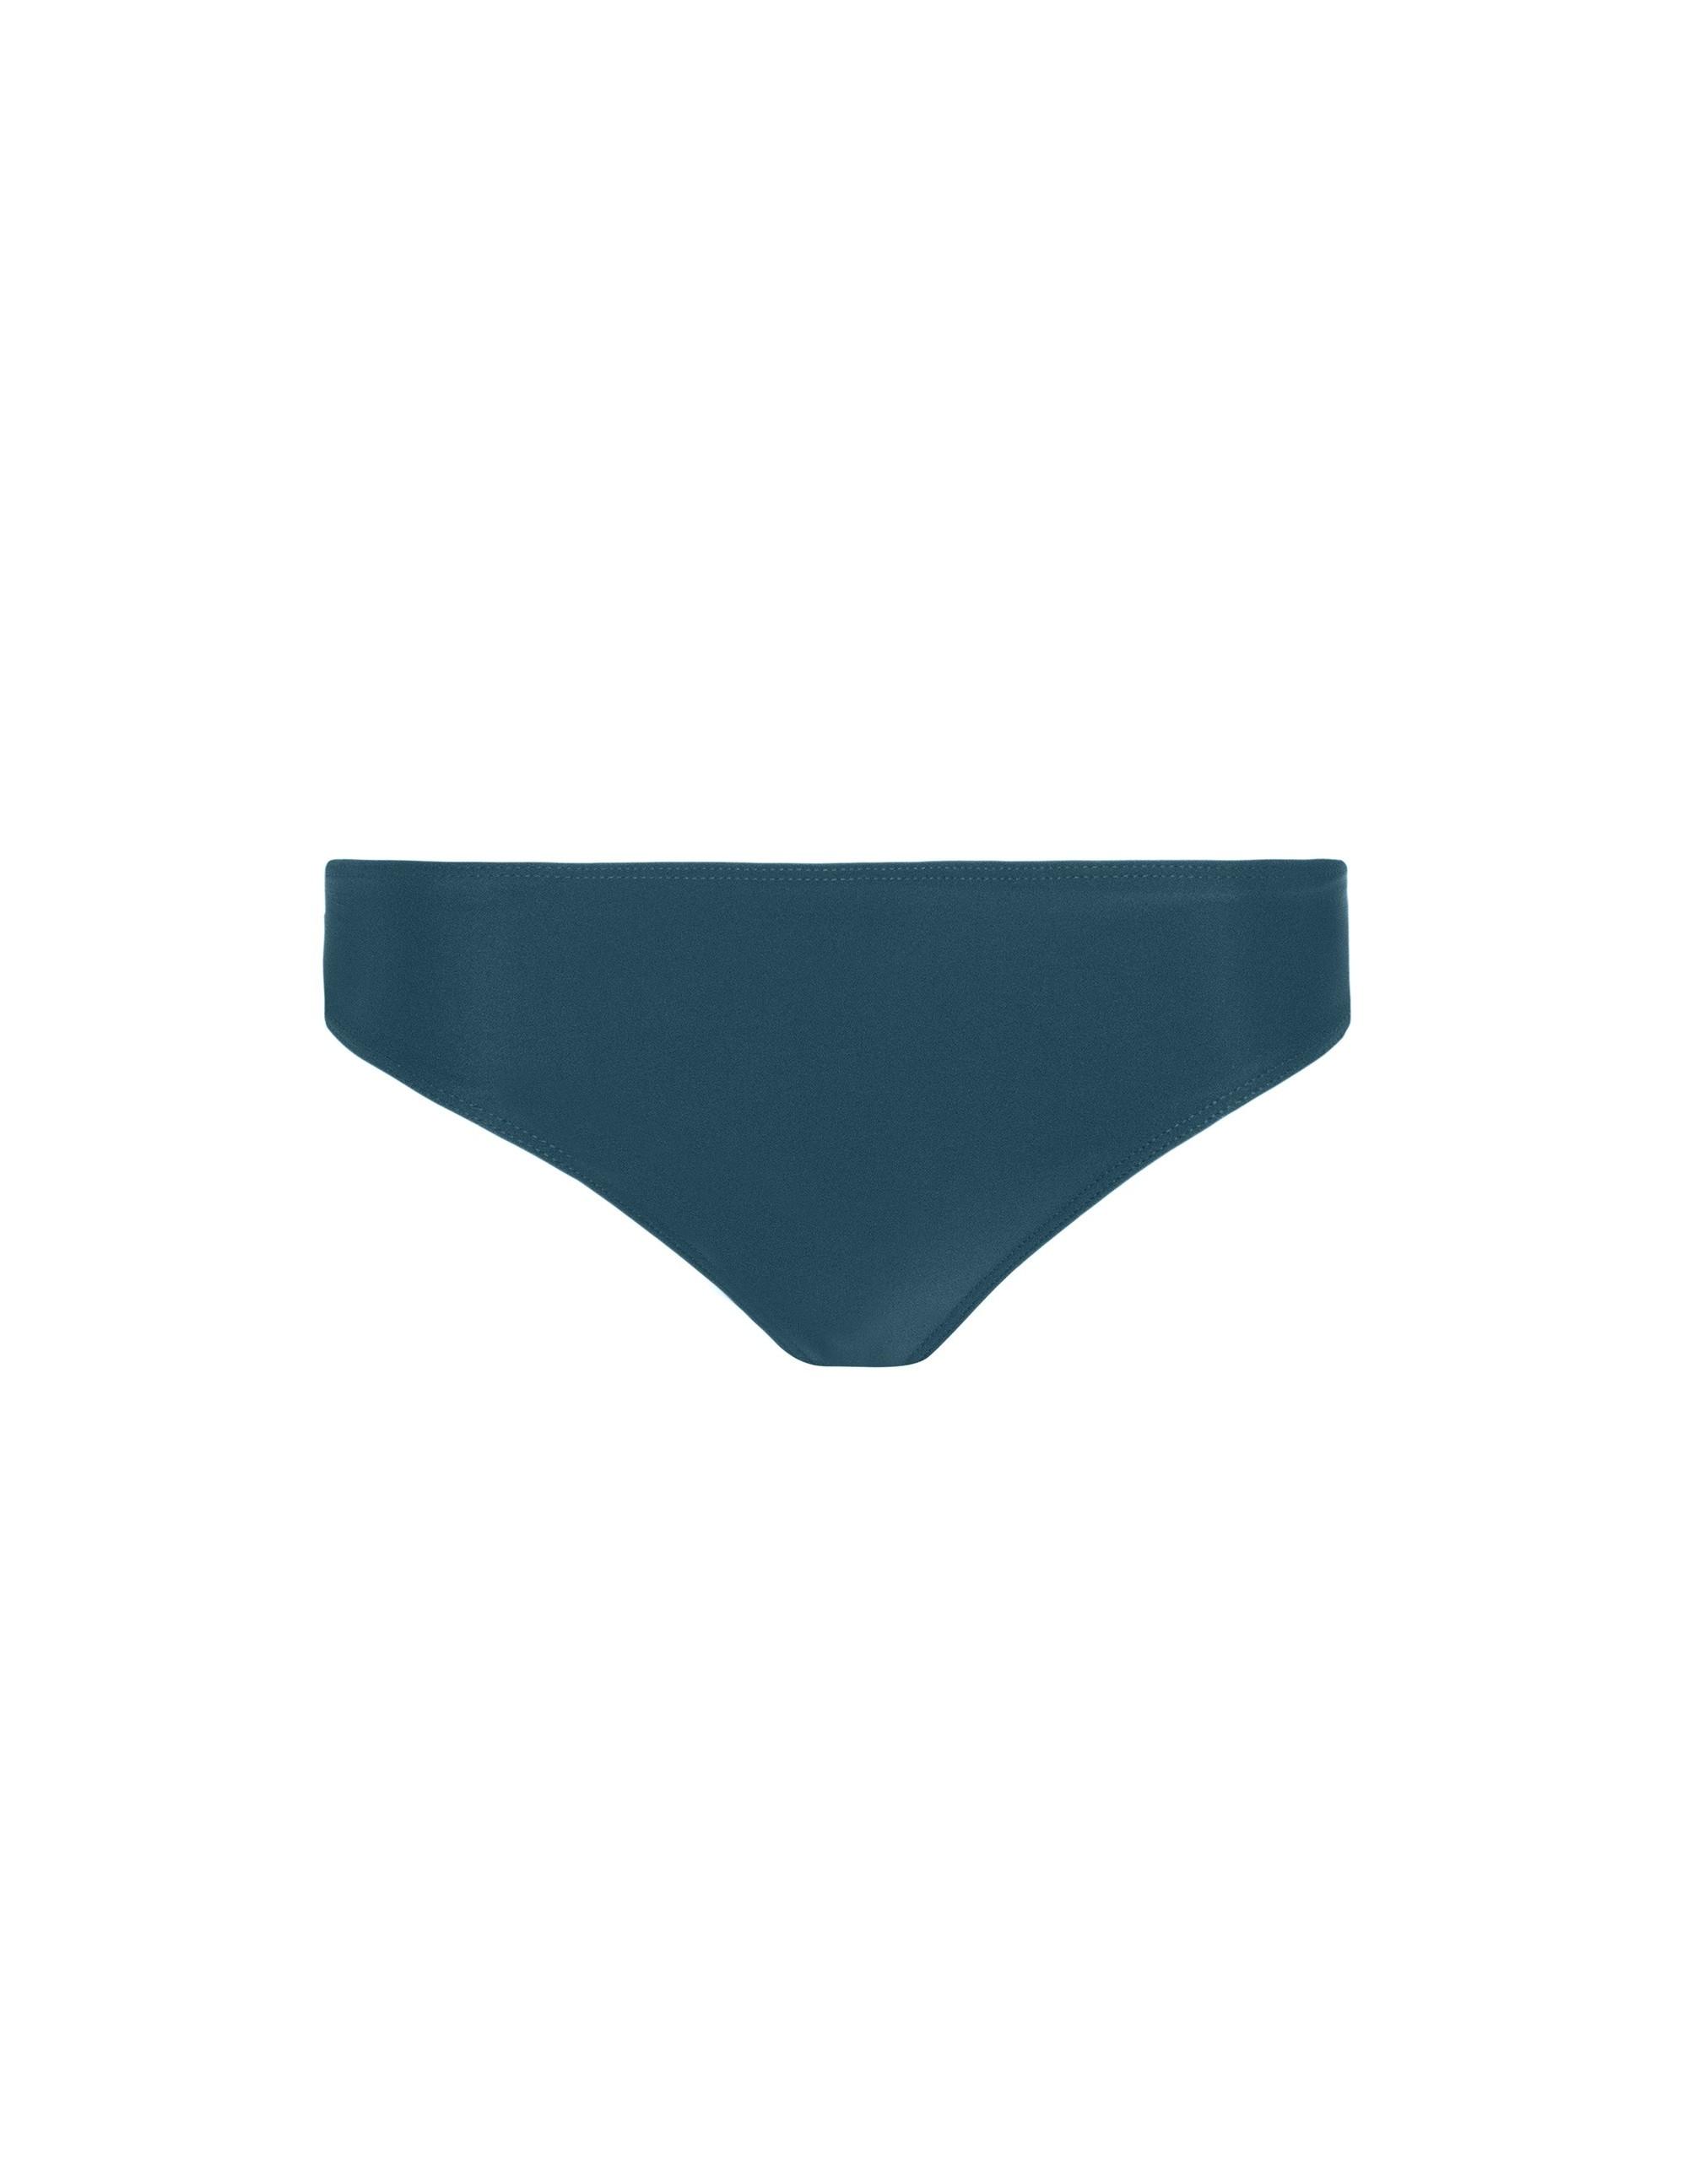 VAI bikini bottom - DEEP GREEN